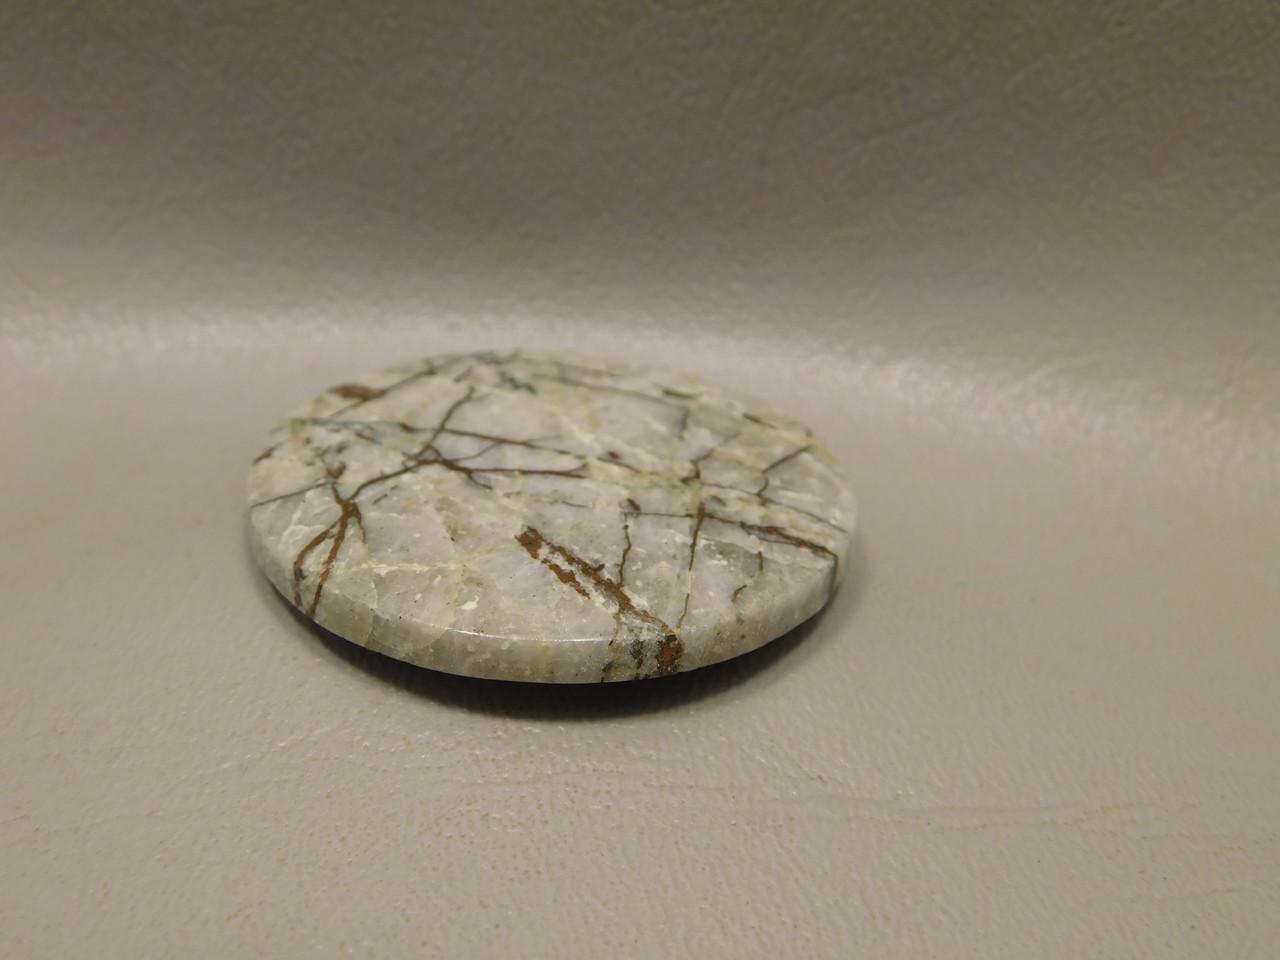 Native Copper 44.5 mm Round Loose Stone Cabochon 2